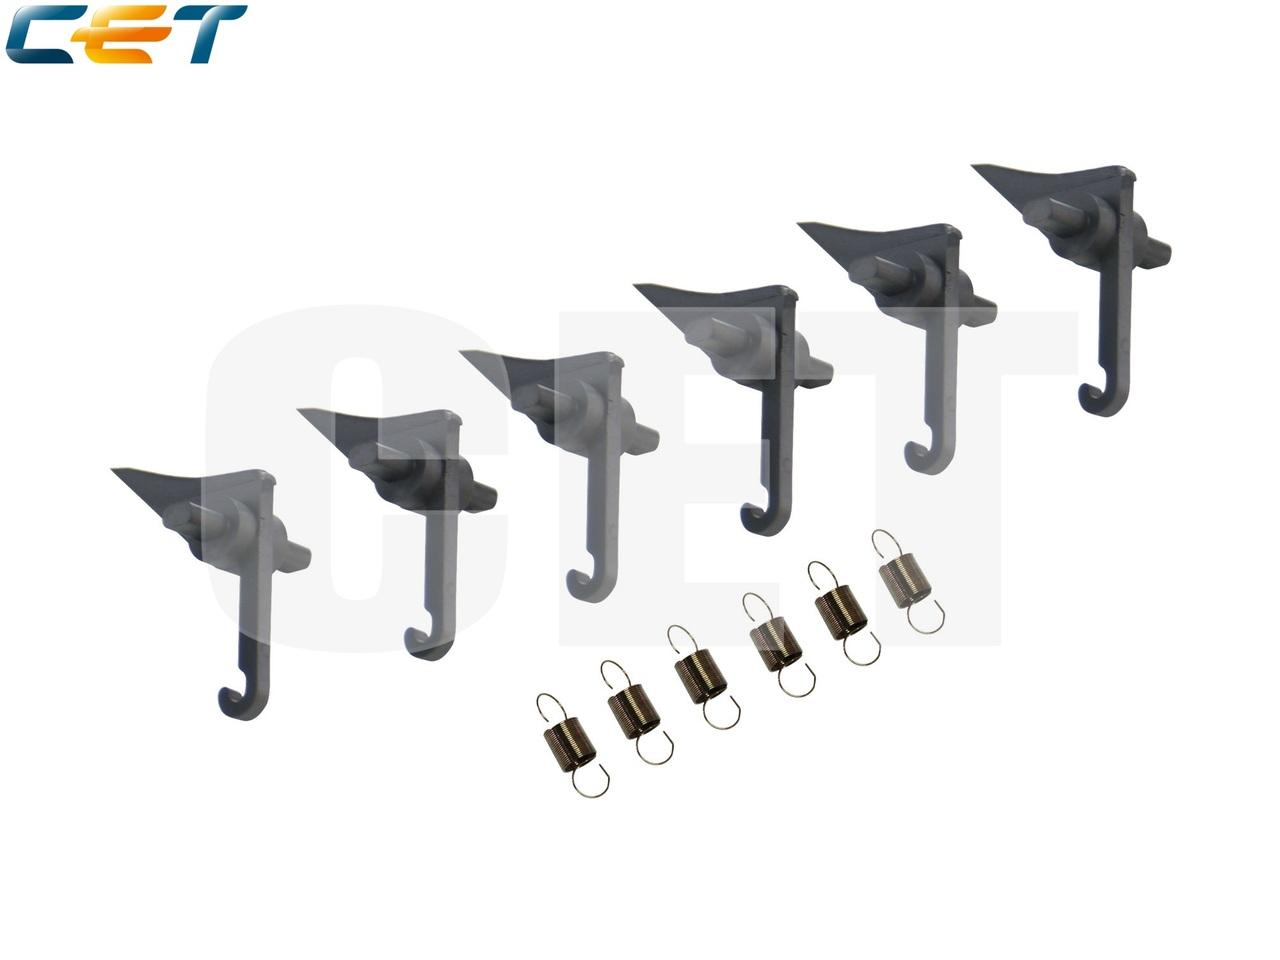 Сепаратор тефлонового вала с пружиной 44202983000 дляTOSHIBA E-Studio 350/450 (CET), CET7409